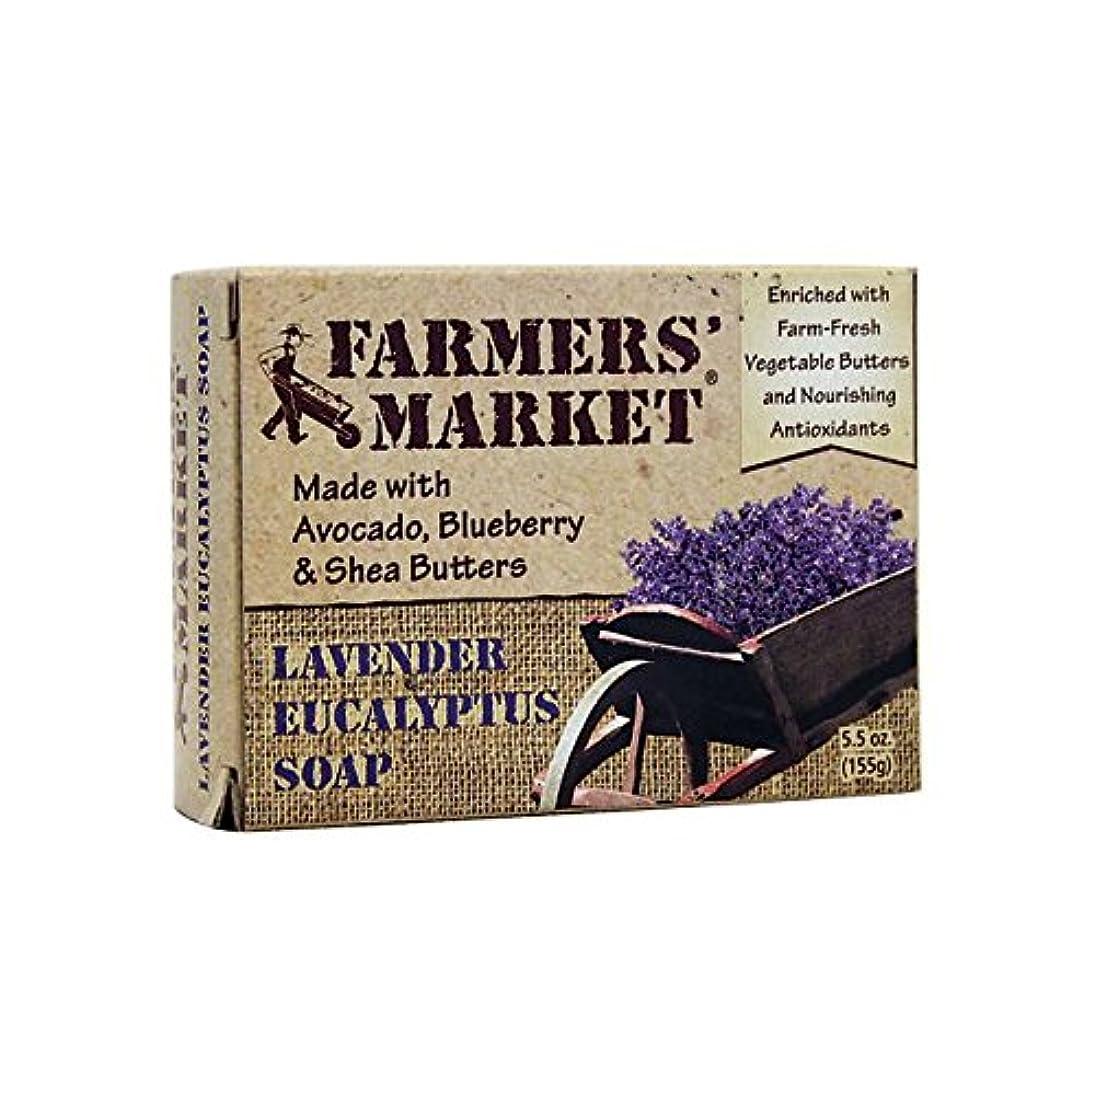 愛国的な病弱それに応じてFarmers' Market Soaps, Lavender Eucalyptus Soap, 5.5 oz (155 g) (Discontinued Item)